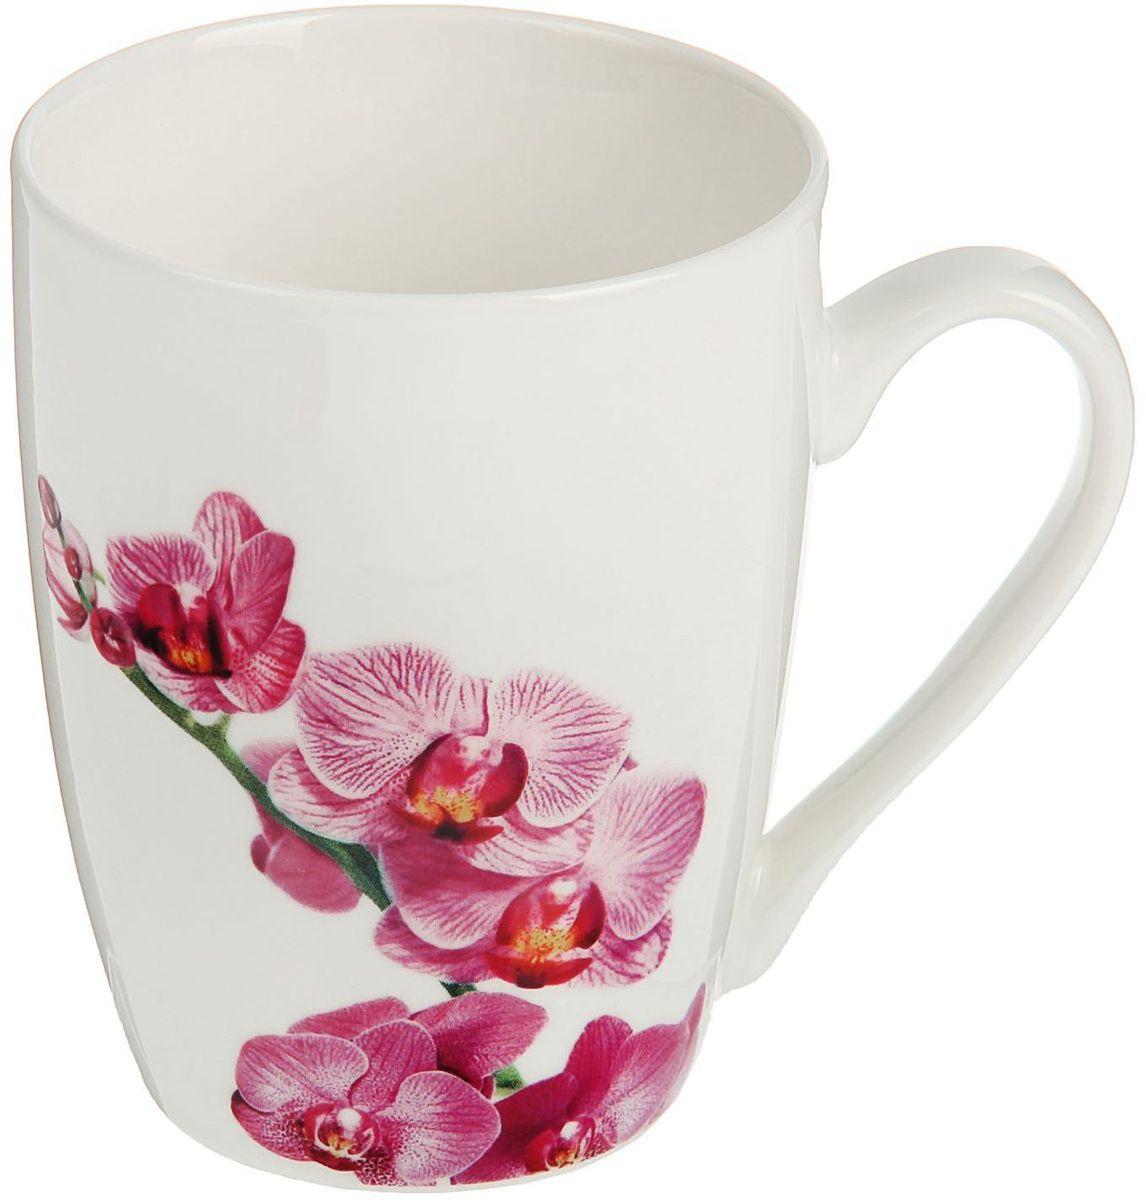 Кружка Доляна Орхидея, 350 мл1625285Кружка Доляна Орхидея изготовлена из высококачественной керамики. Изделие оформлено красочным рисунком и покрыто превосходной сверкающей глазурью. Изысканная кружка прекрасно оформит стол к чаепитию и станет его неизменным атрибутом.